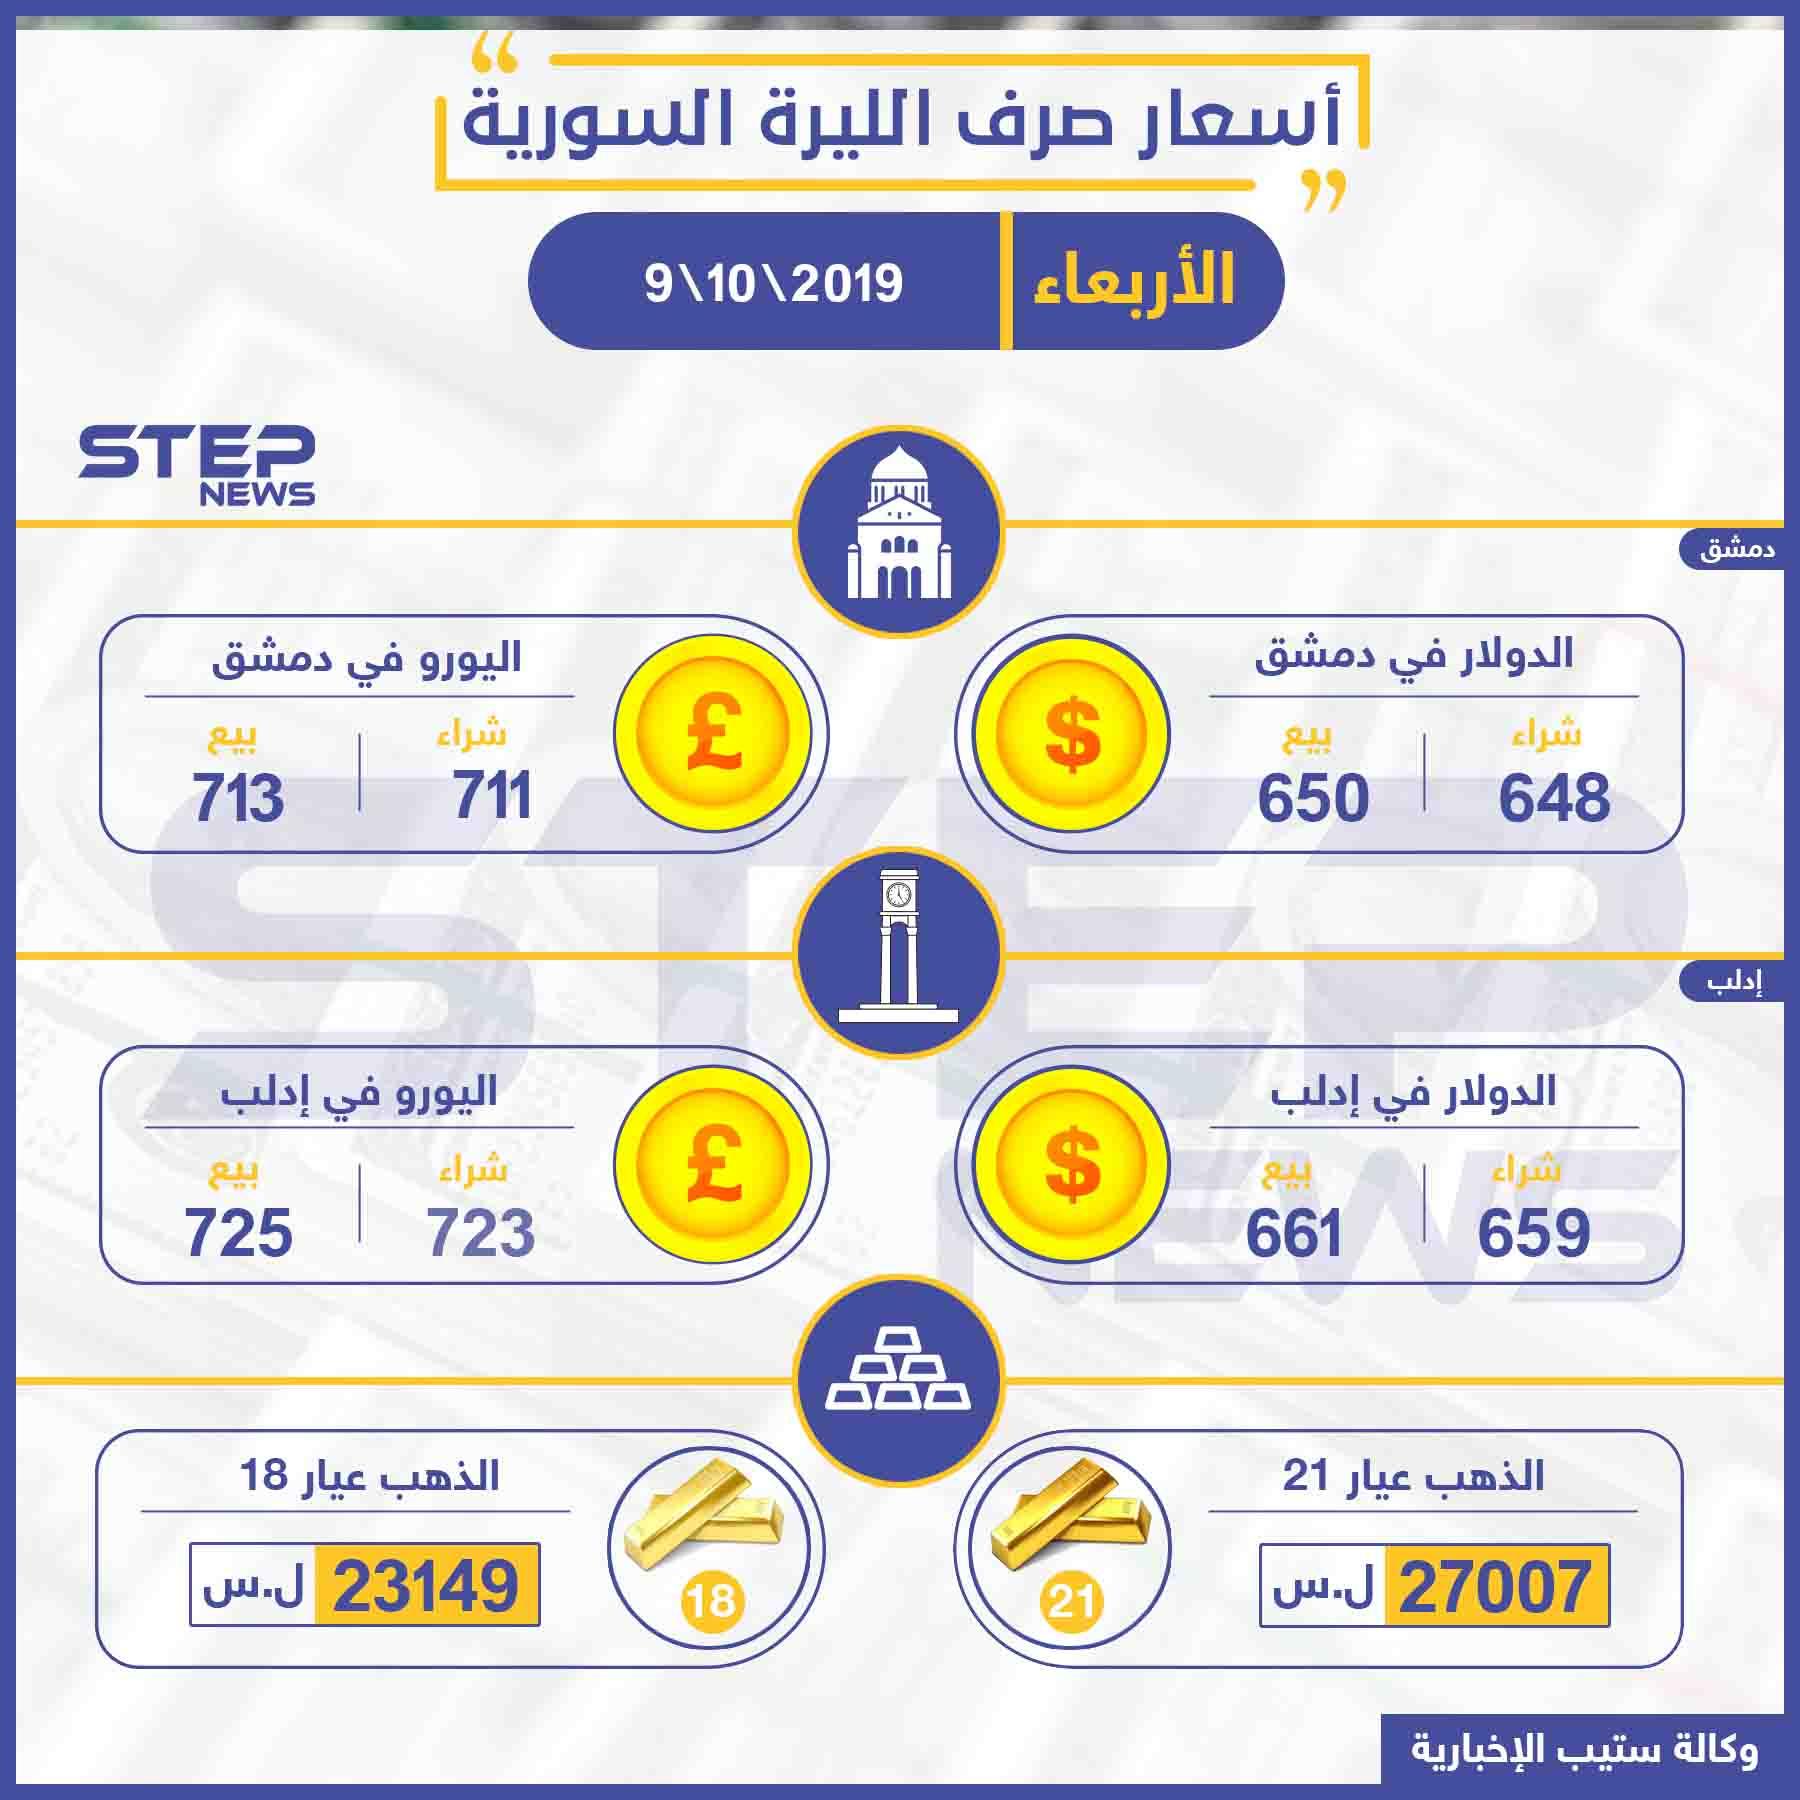 أسعار الذهب والعملات في سوريا اليوم 9-10-2019